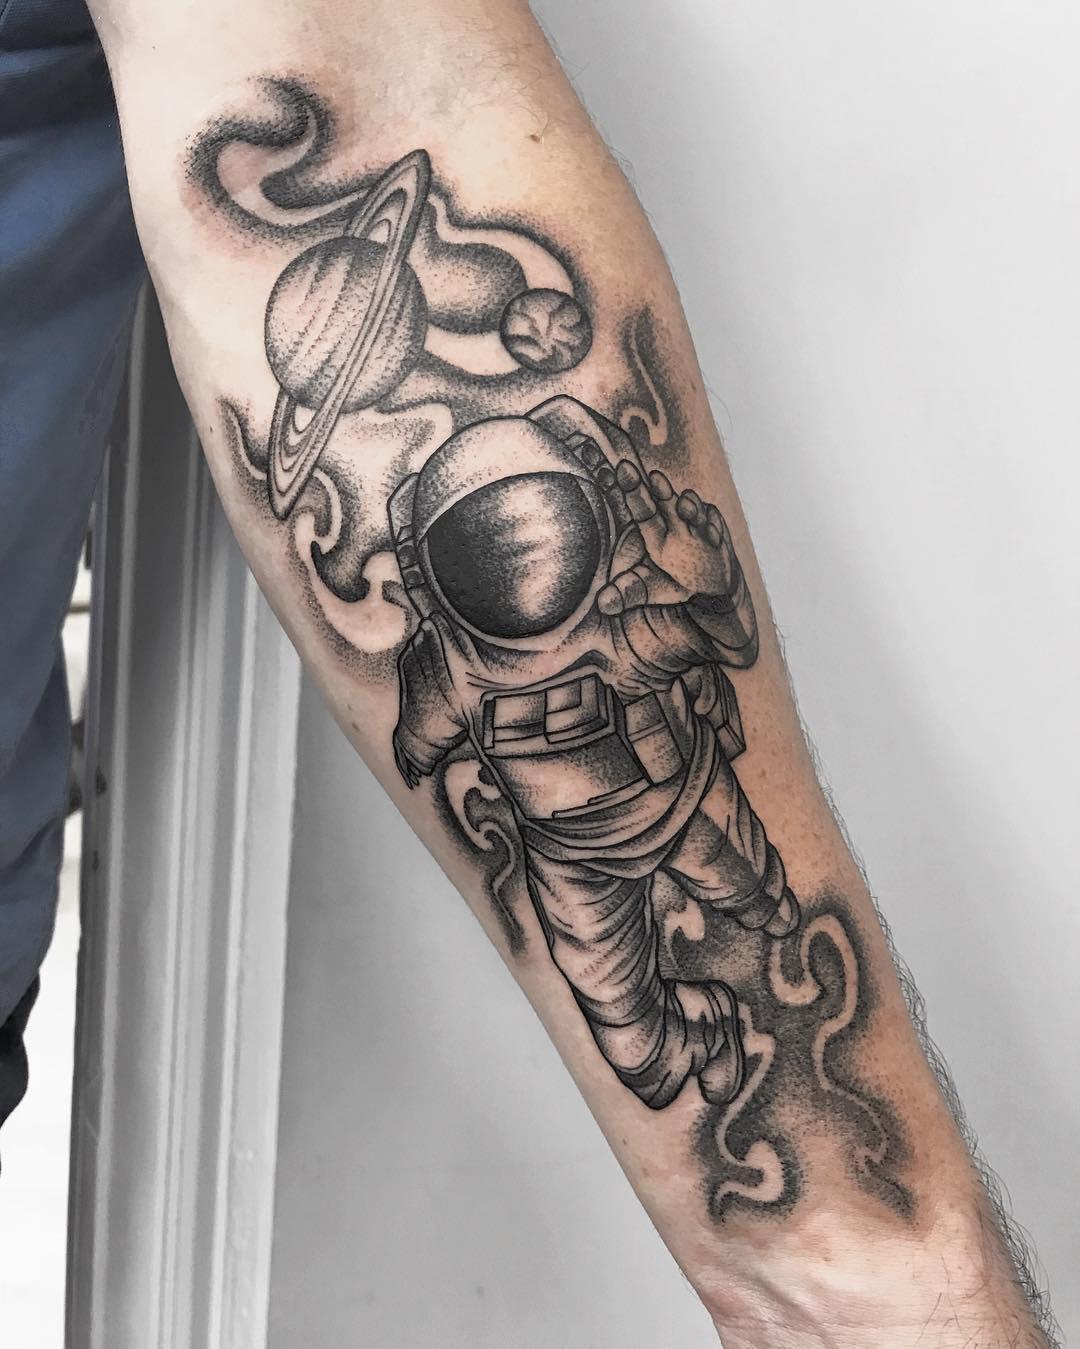 Żuri Tattoo inksearch tattoo